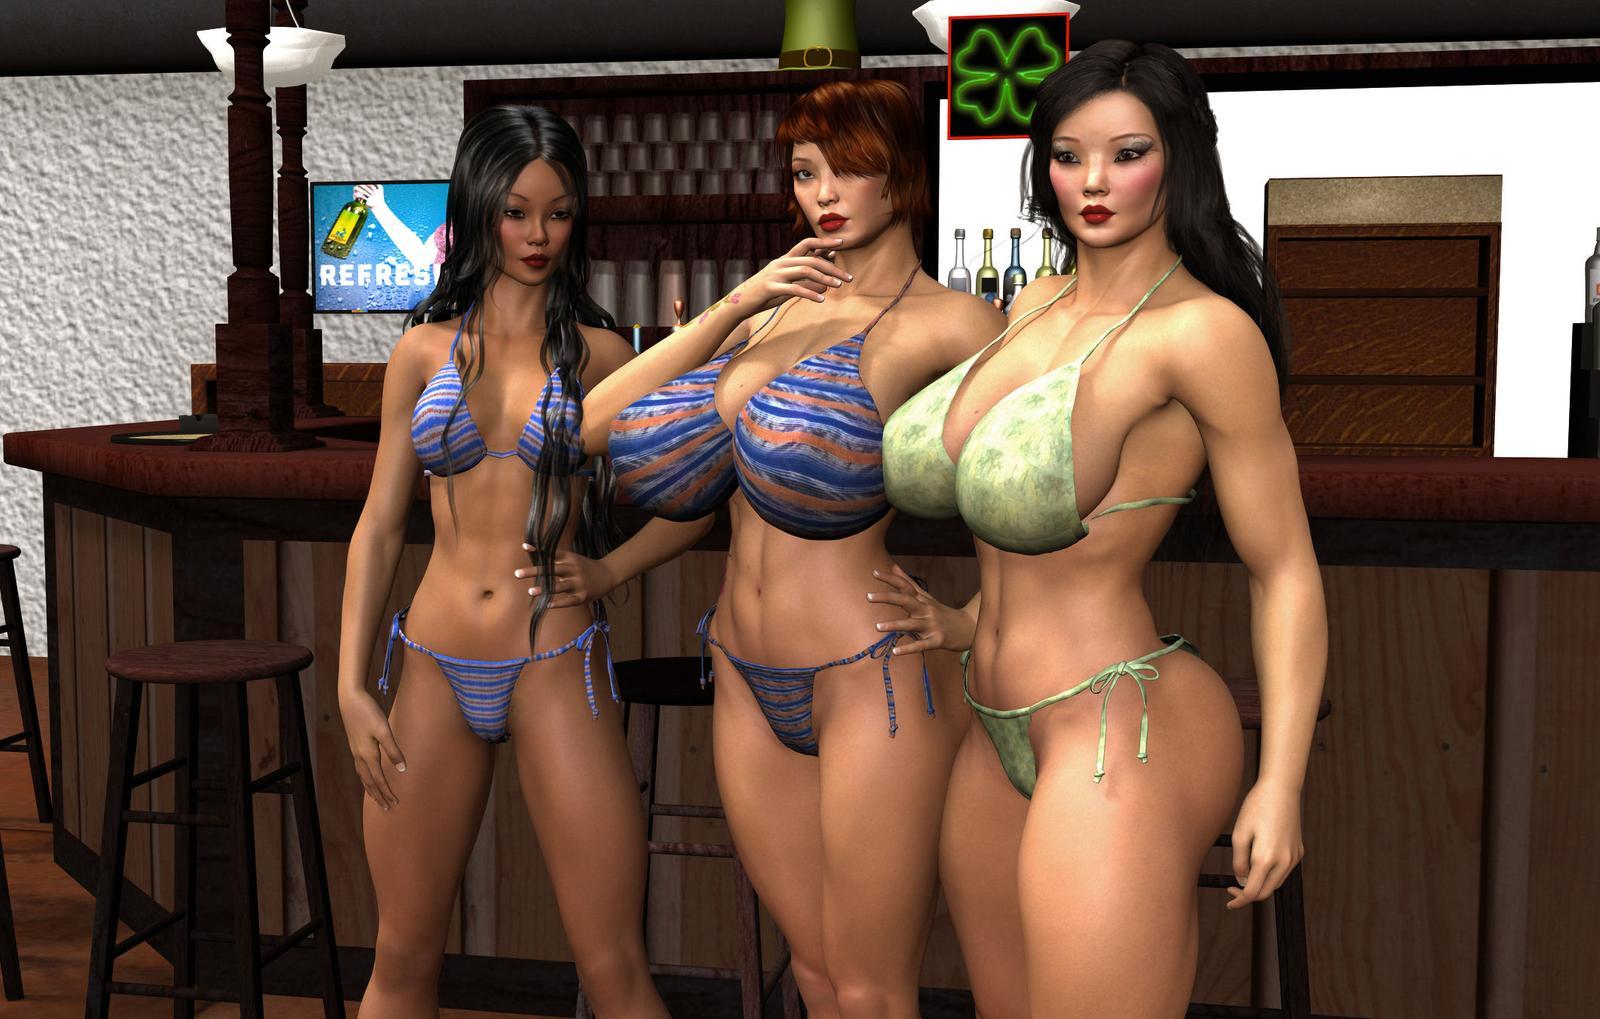 Usc song girls panties